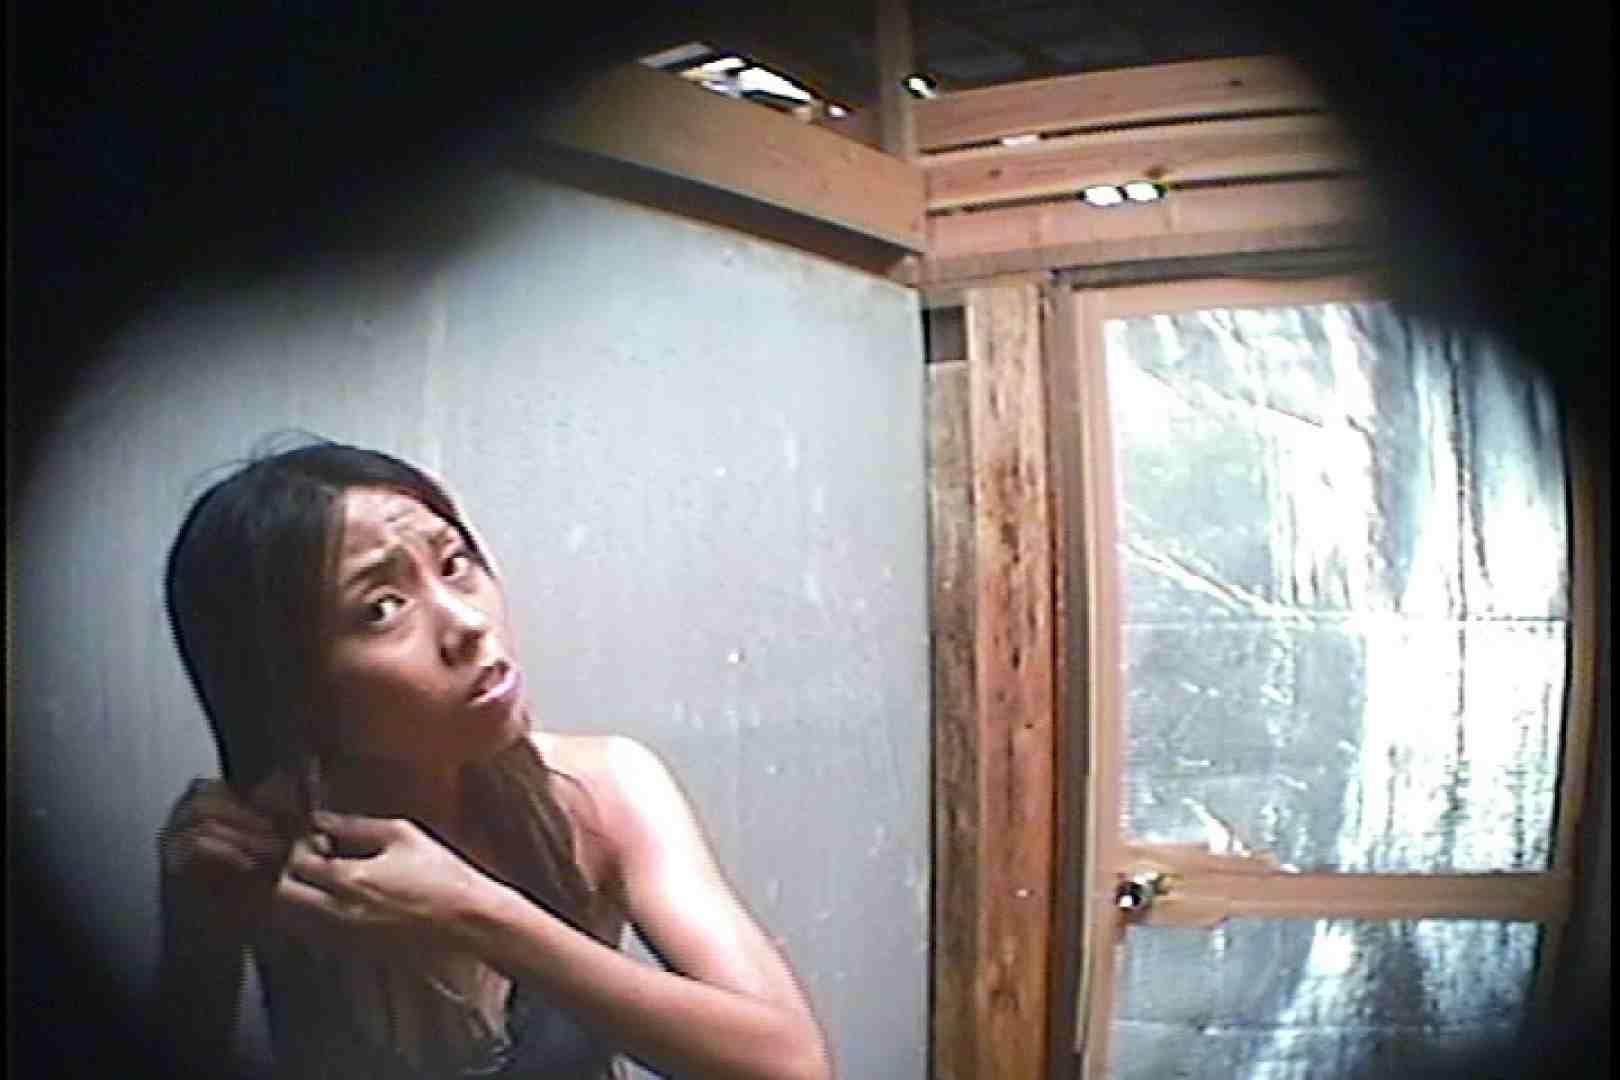 海の家の更衣室 Vol.45 シャワー中 | 美女達のヌード  64連発 10